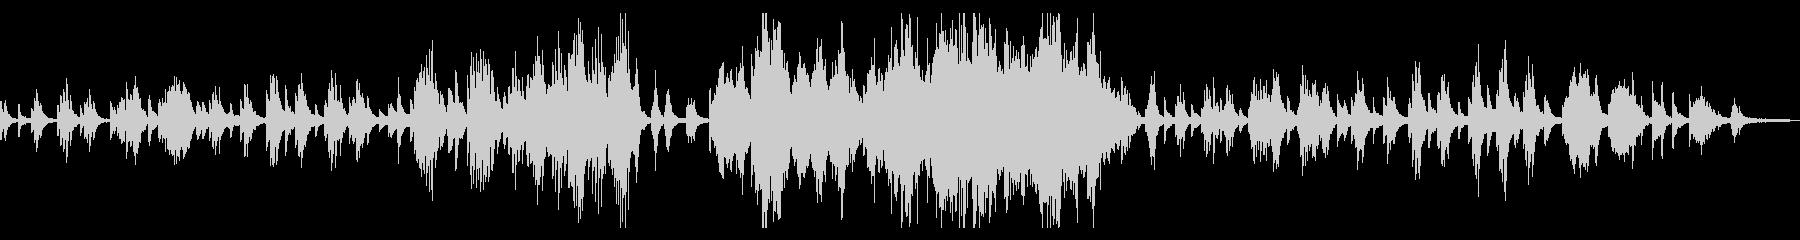 ドビュッシー「月の光」原曲ピアノソロの未再生の波形